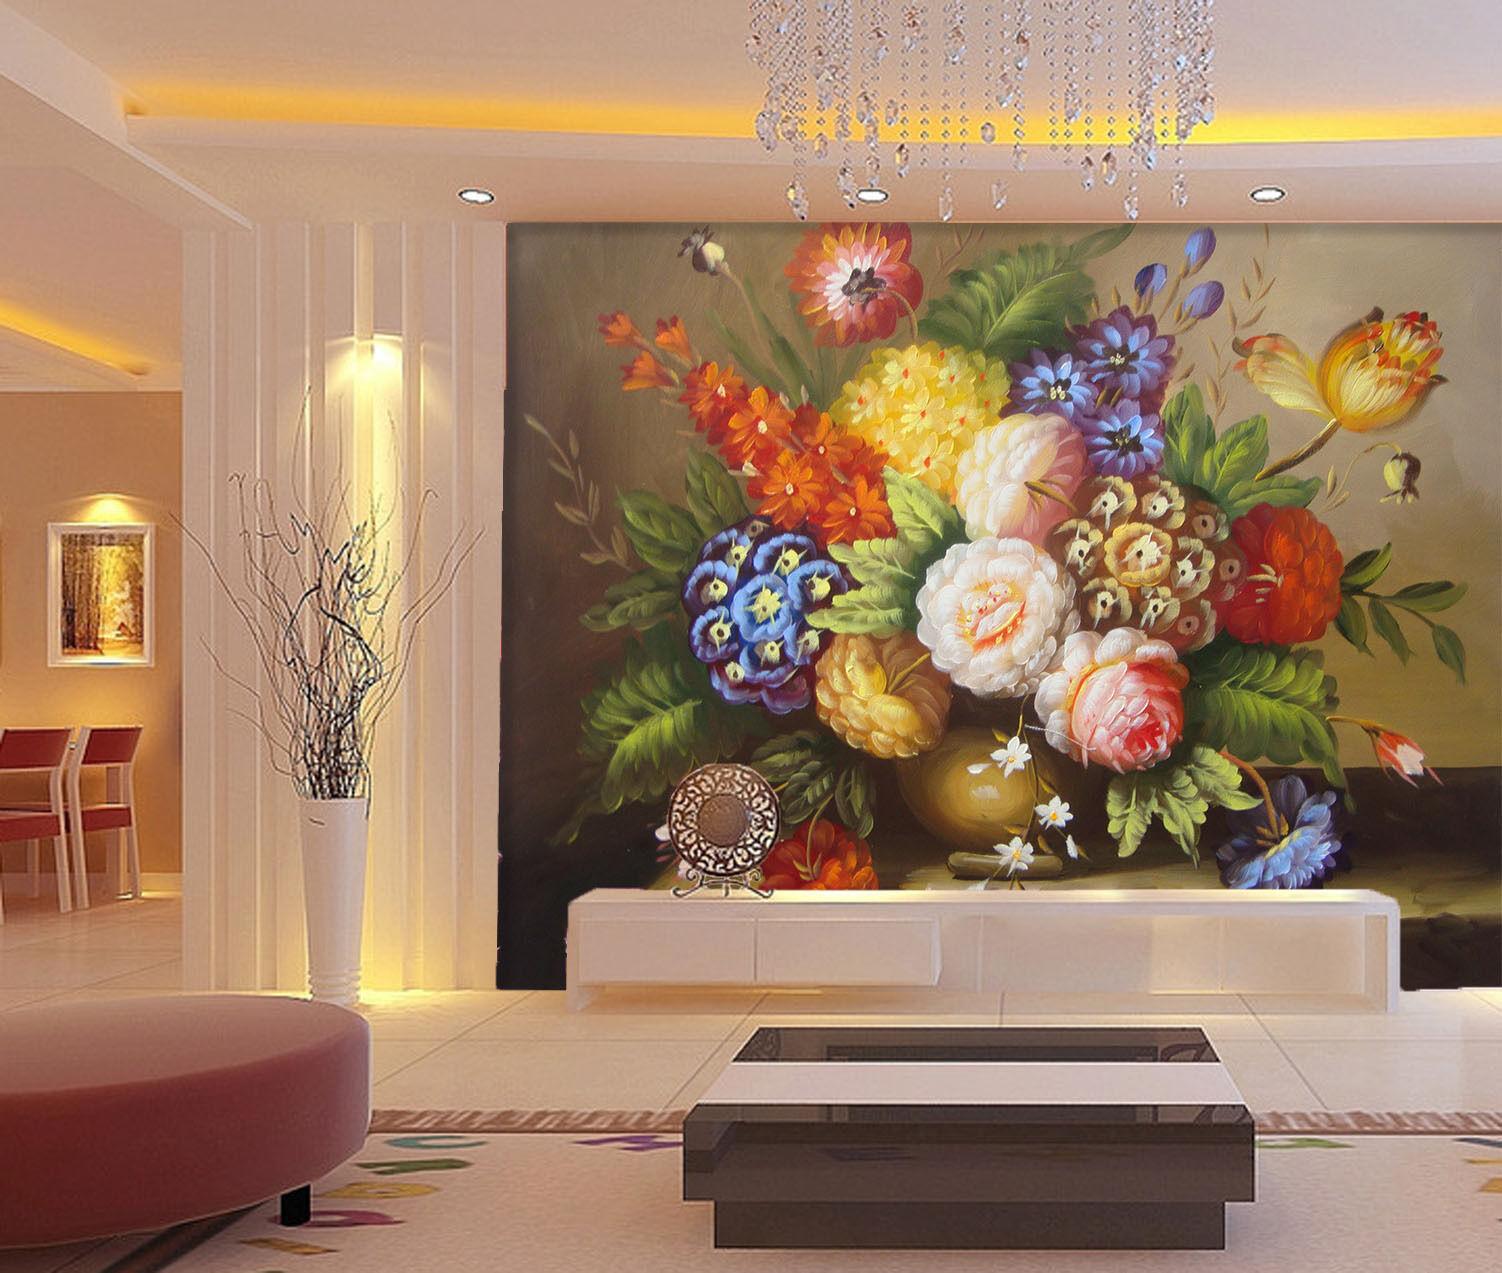 3D Blaumenkunst 467 Fototapeten Wandbild Fototapete BildTapete Familie DE